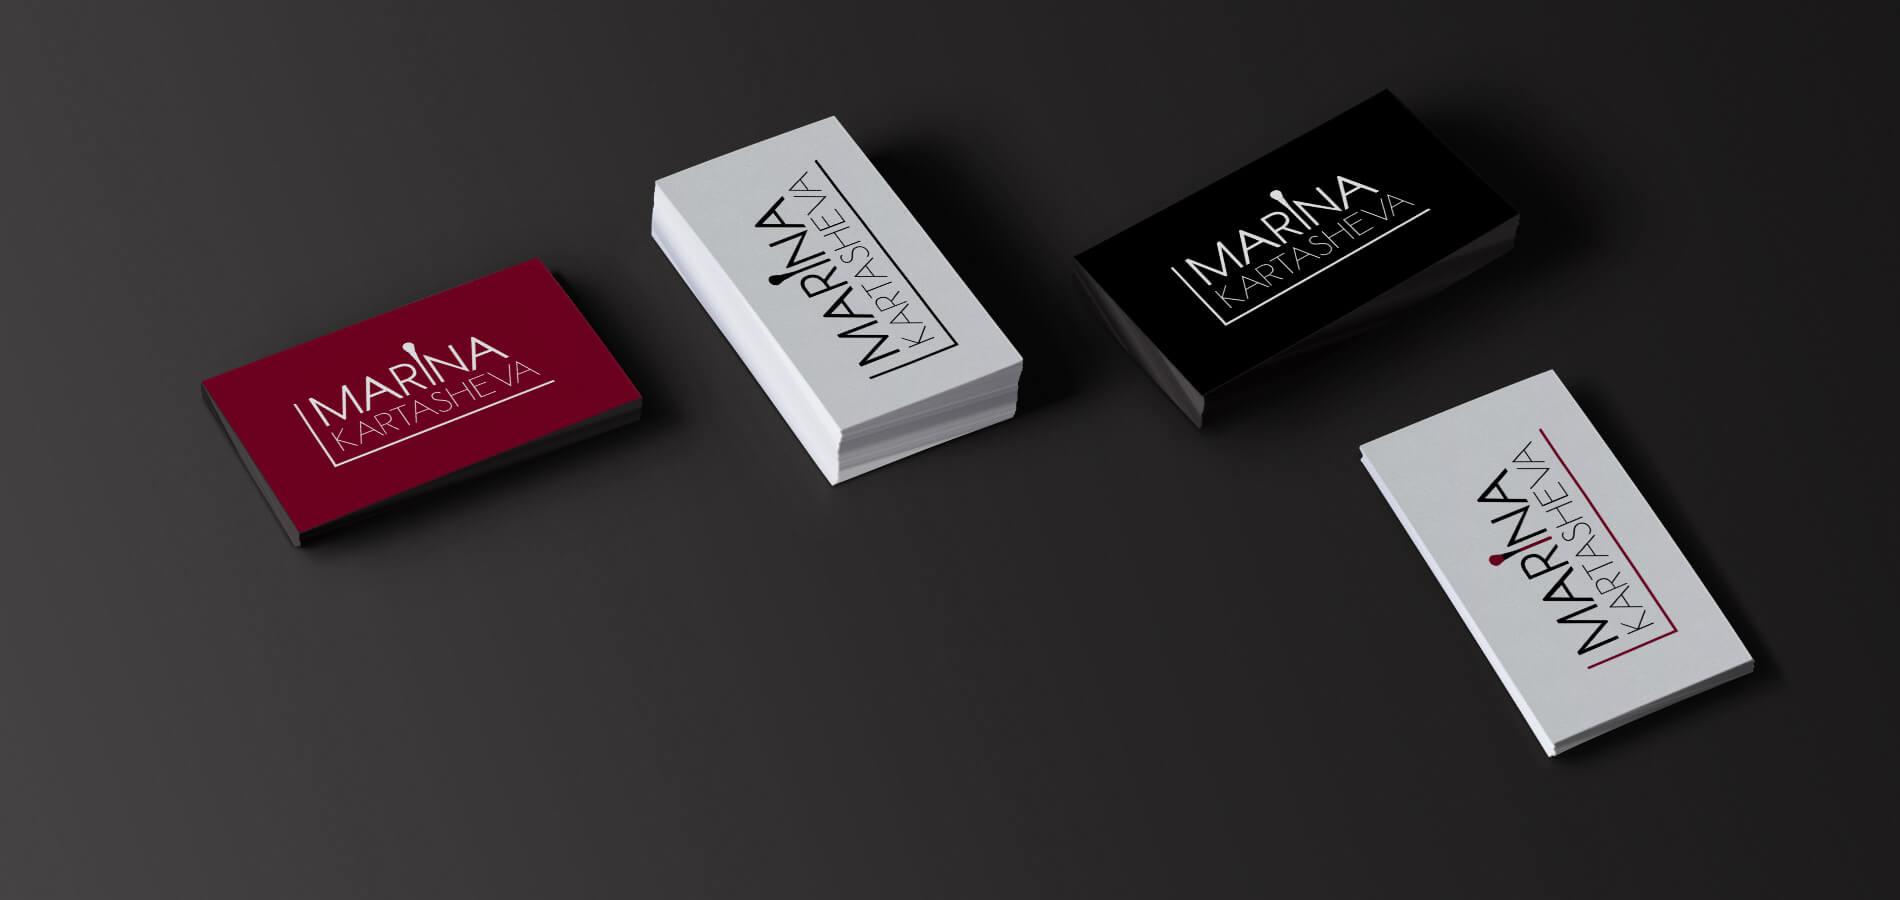 Сайт-портфолио, логотип и фирменный стиль 1